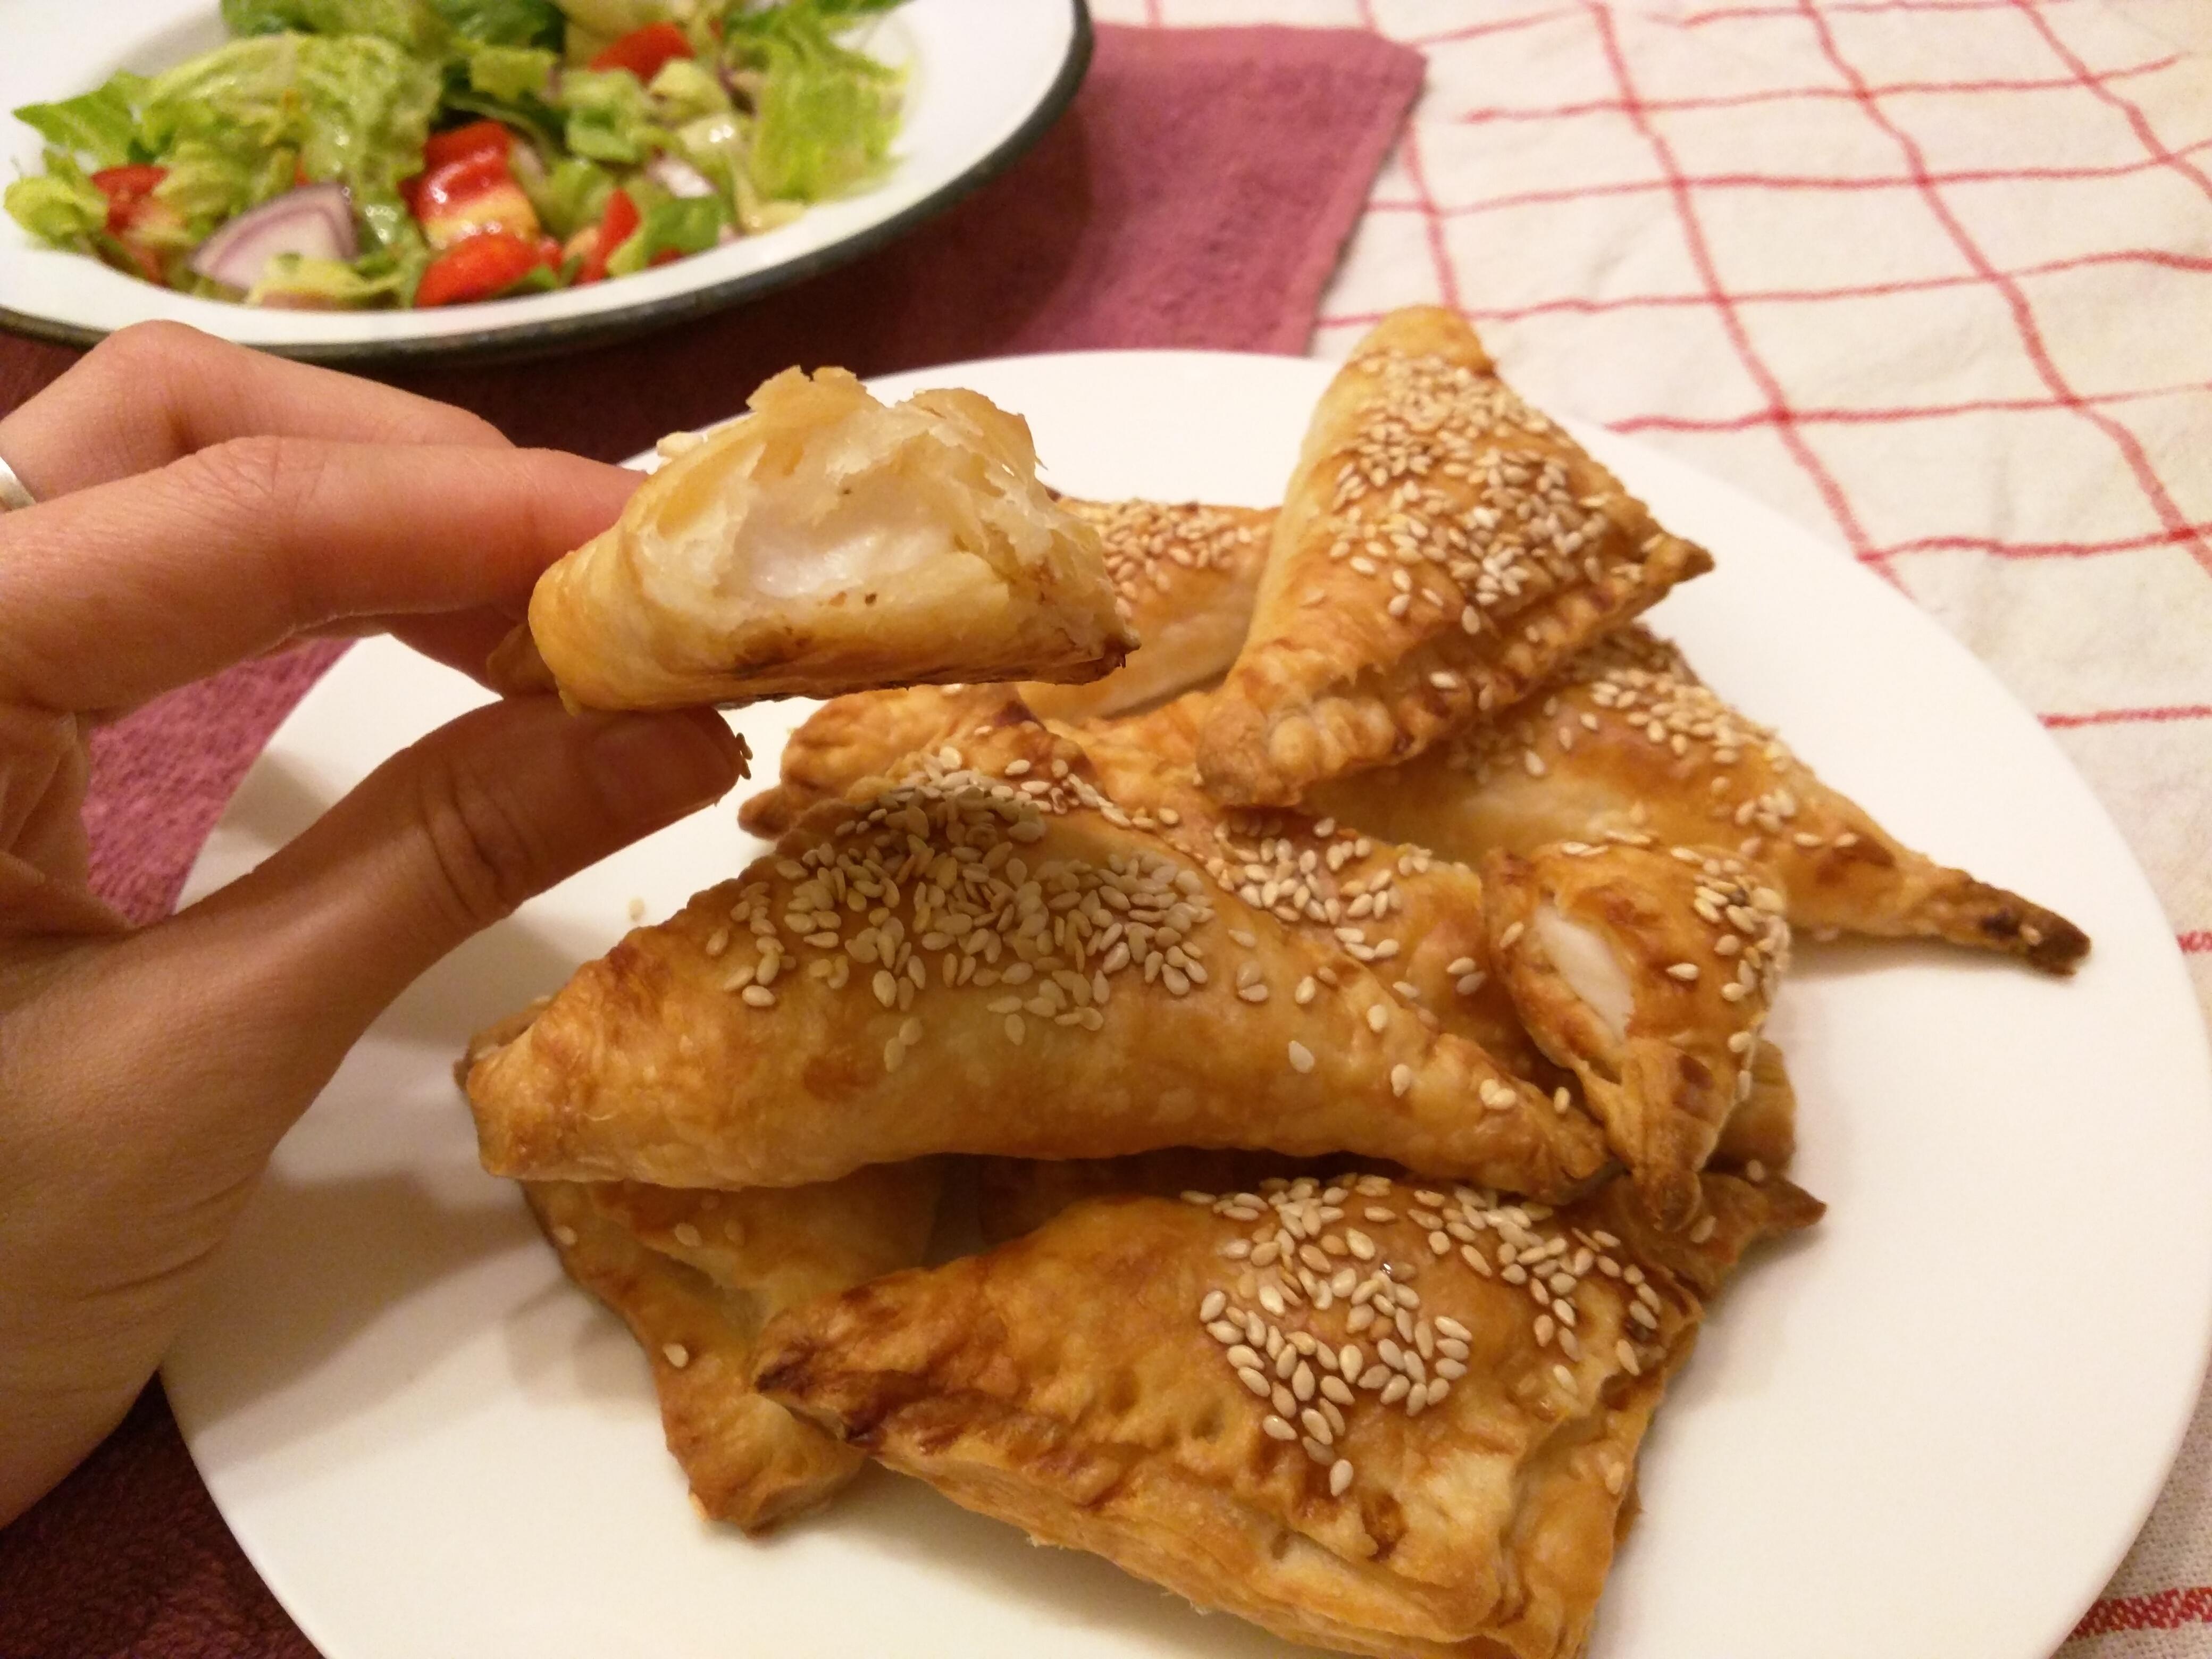 בורקס גבינה בצ׳יק צ׳ק